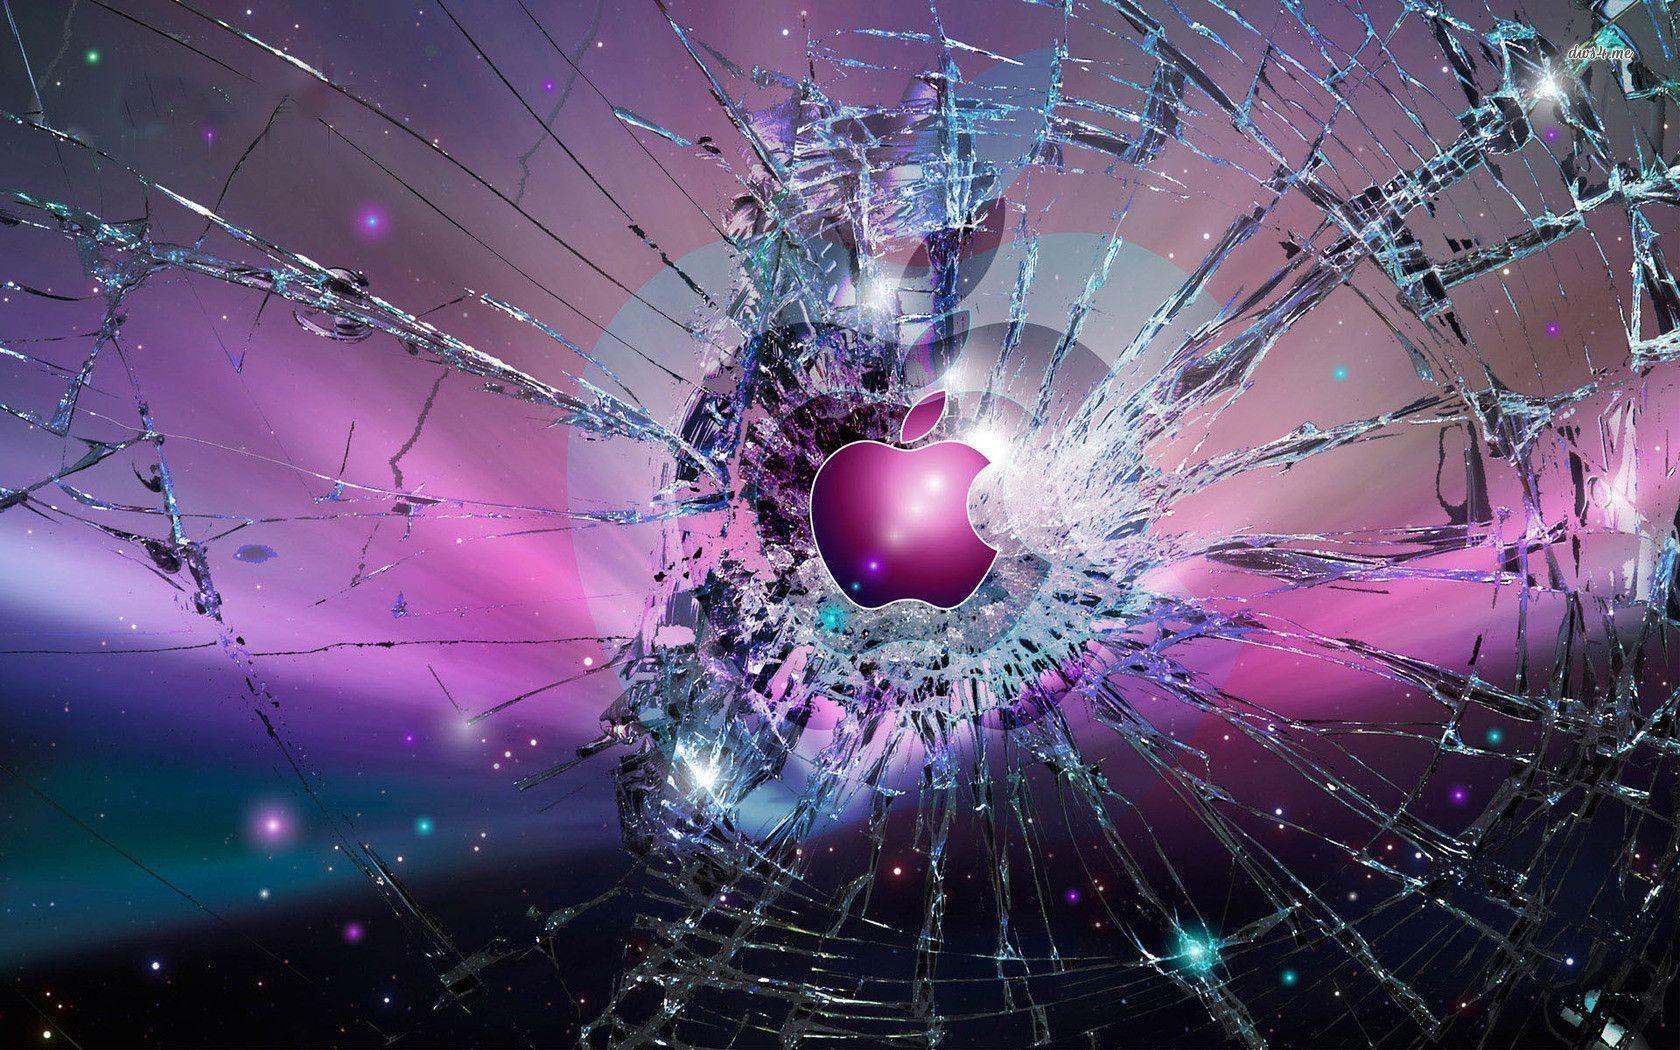 apple wallpapers desktop - wallpaper cave